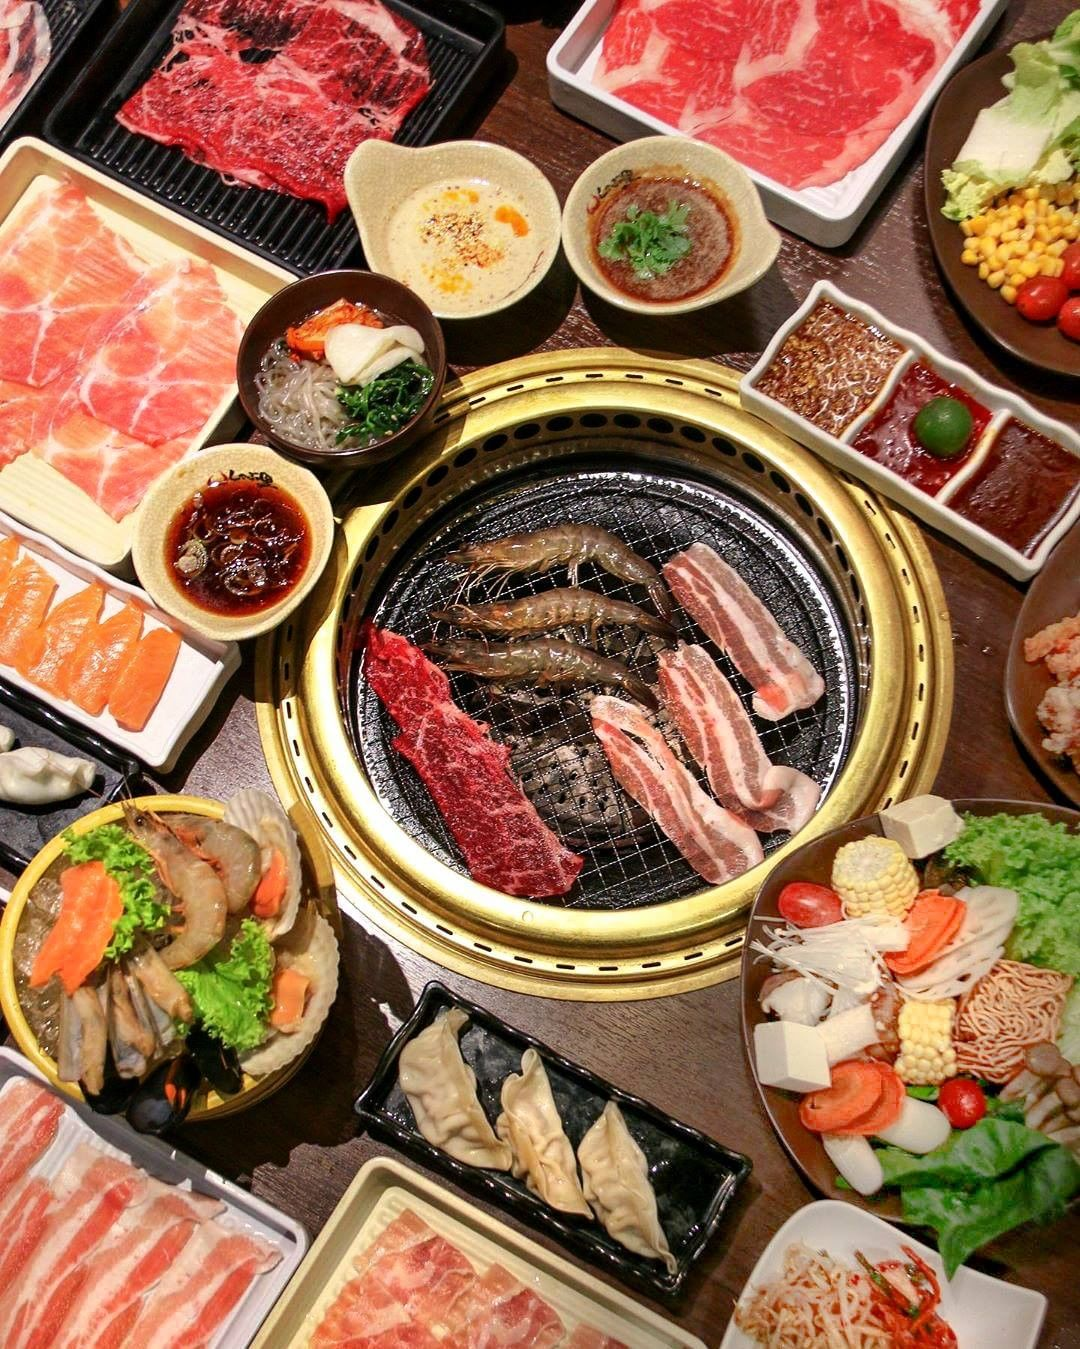 buffet places in Singapore - Shaburi & Kintan Buffet